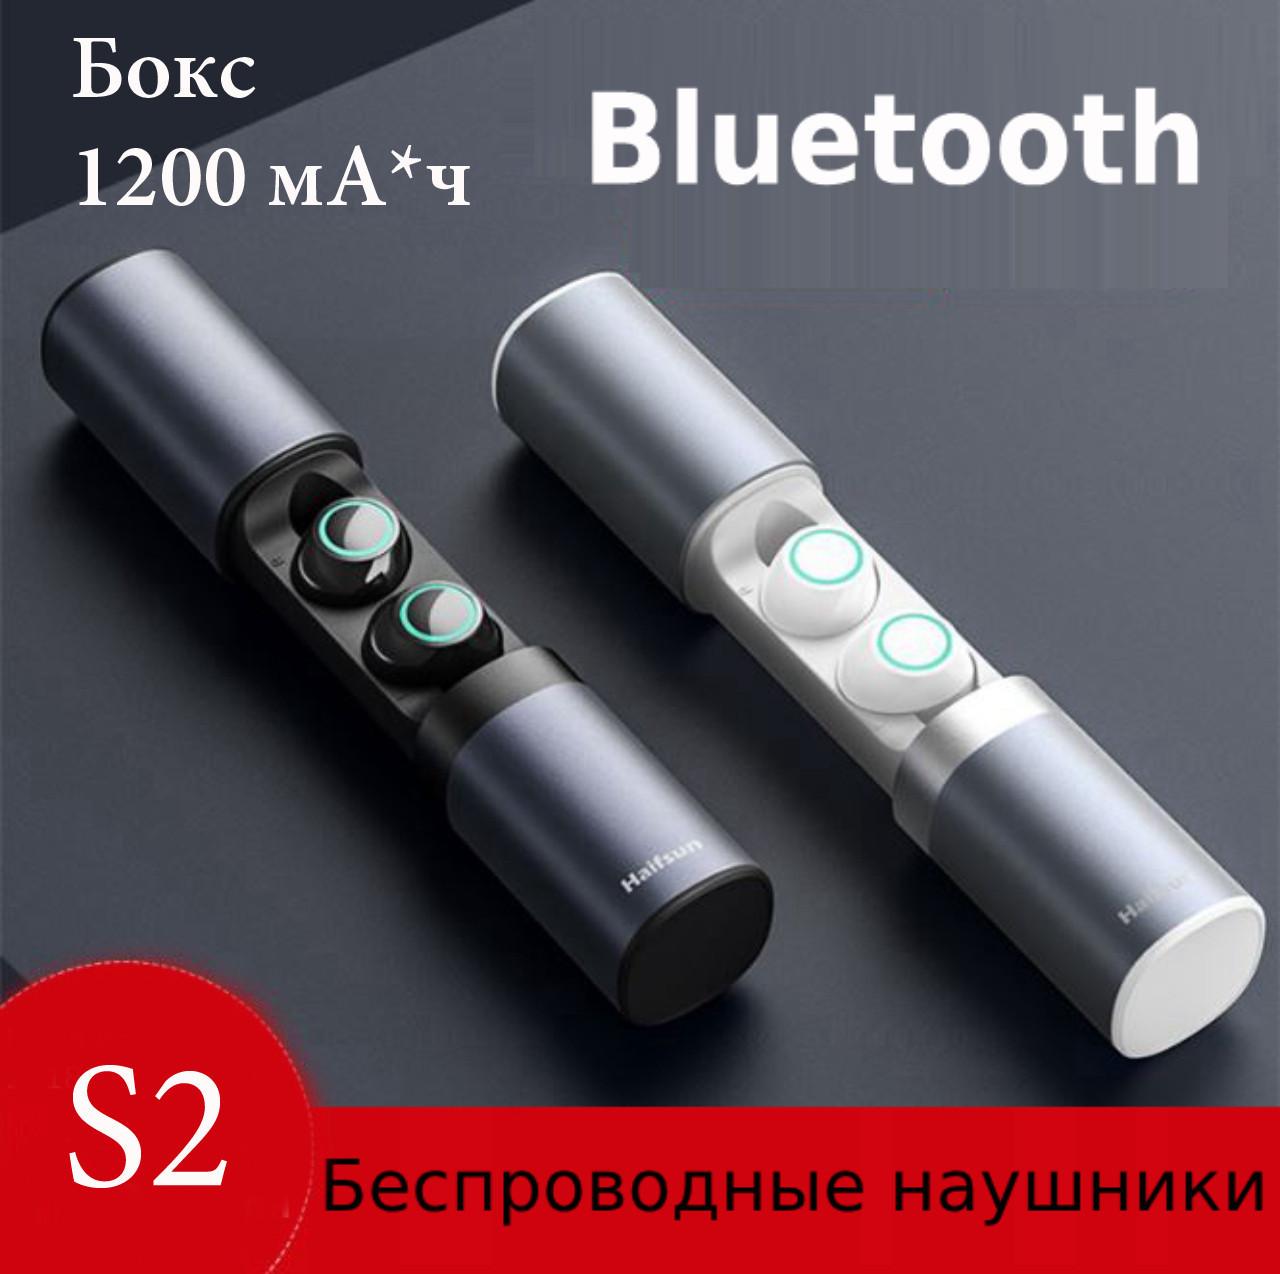 Наушники Wi-pods S2 TWS ОРИГИНАЛ беспроводные Bluetooth с кейсом Power Bank 1200mah. Серебристо-черные